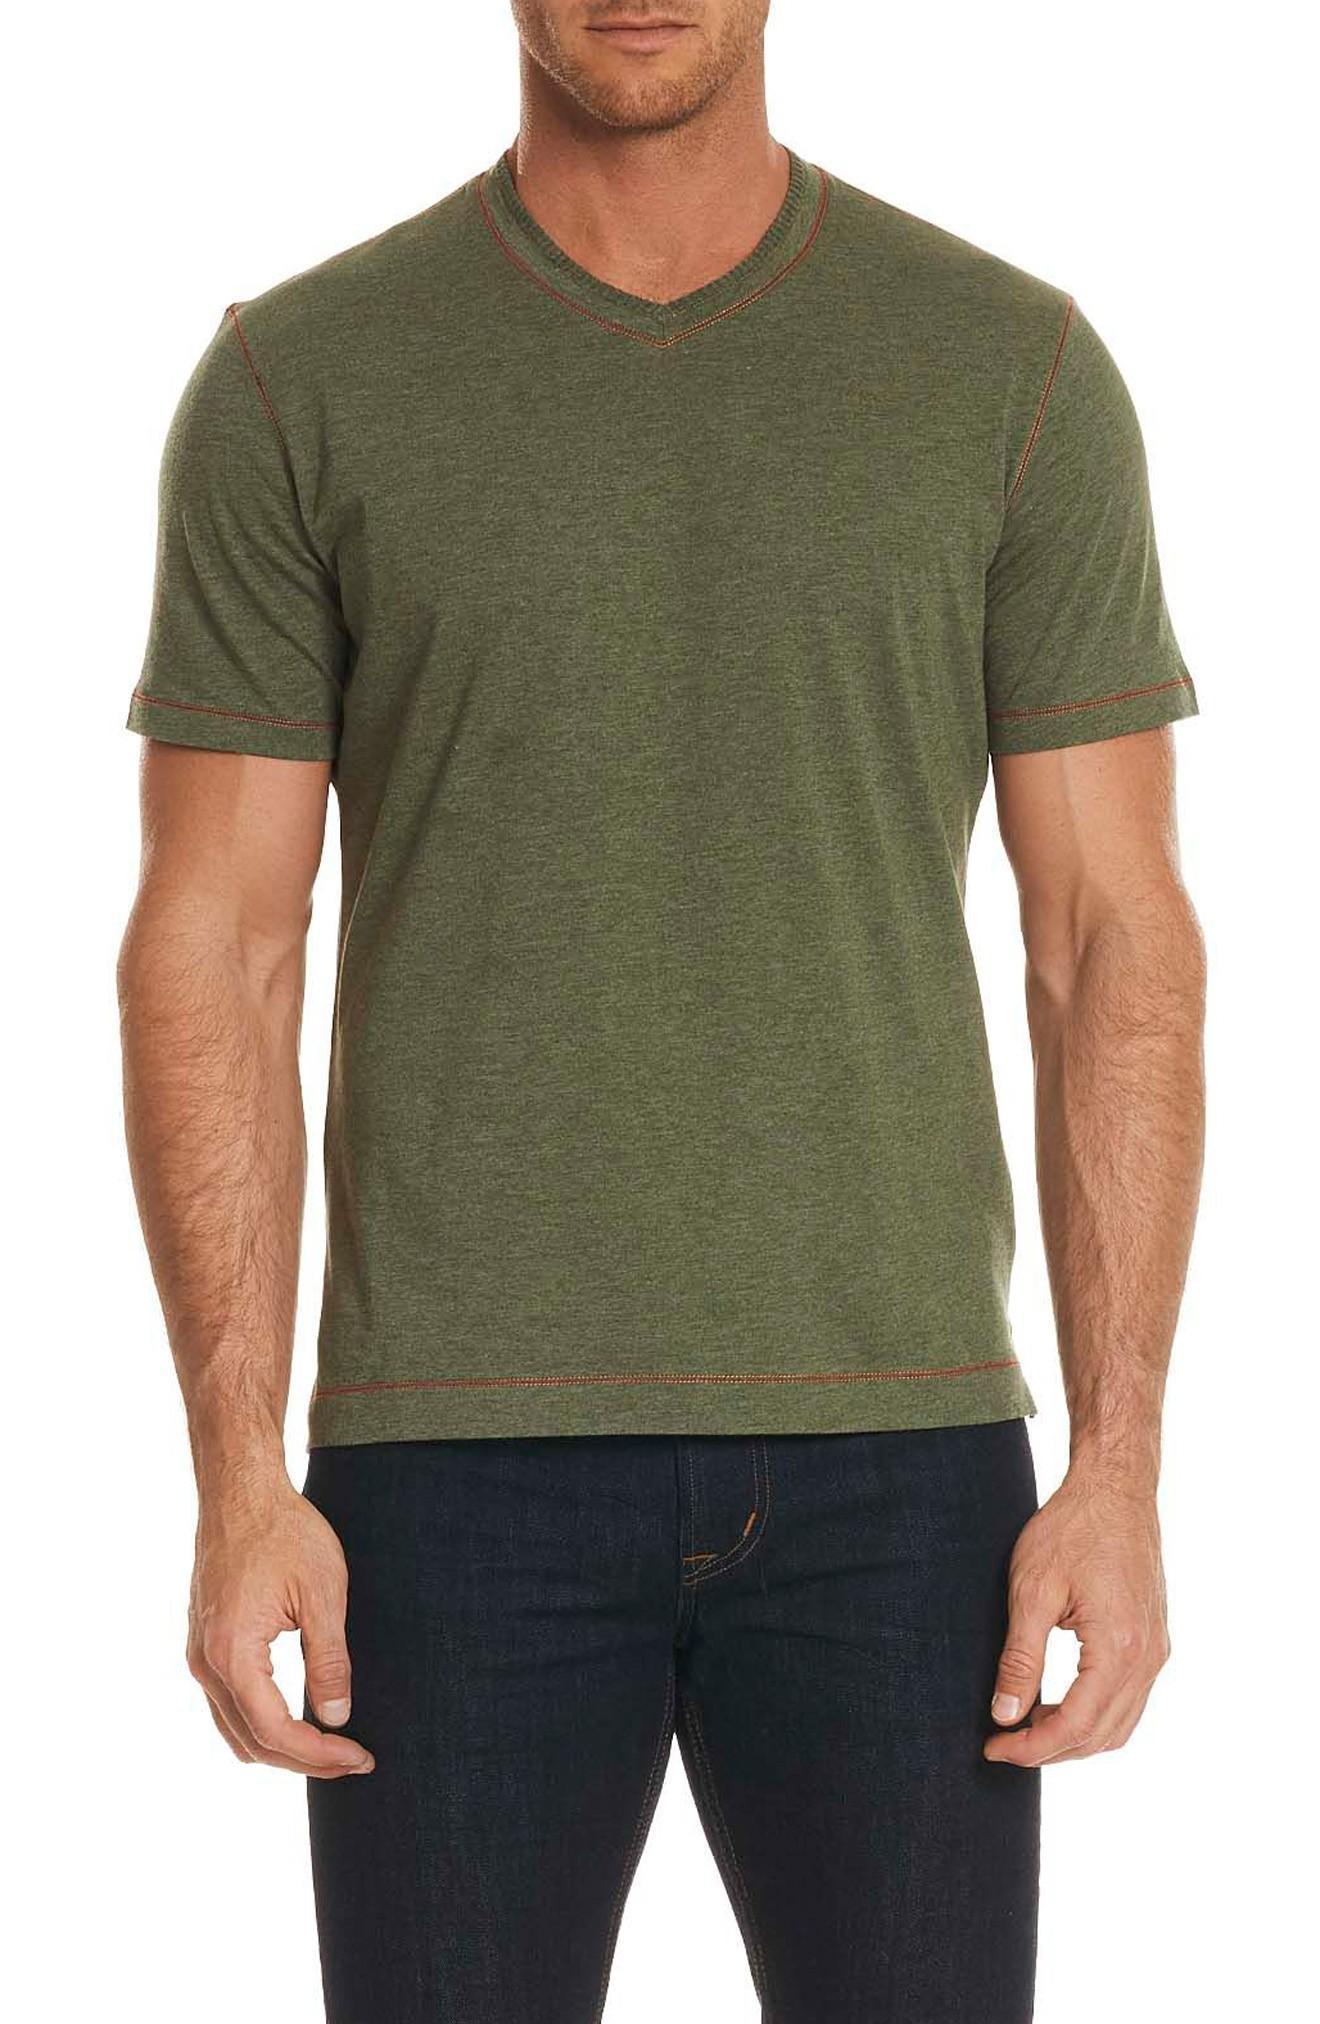 Robert Graham Traveler V-neck T-shirt In Army